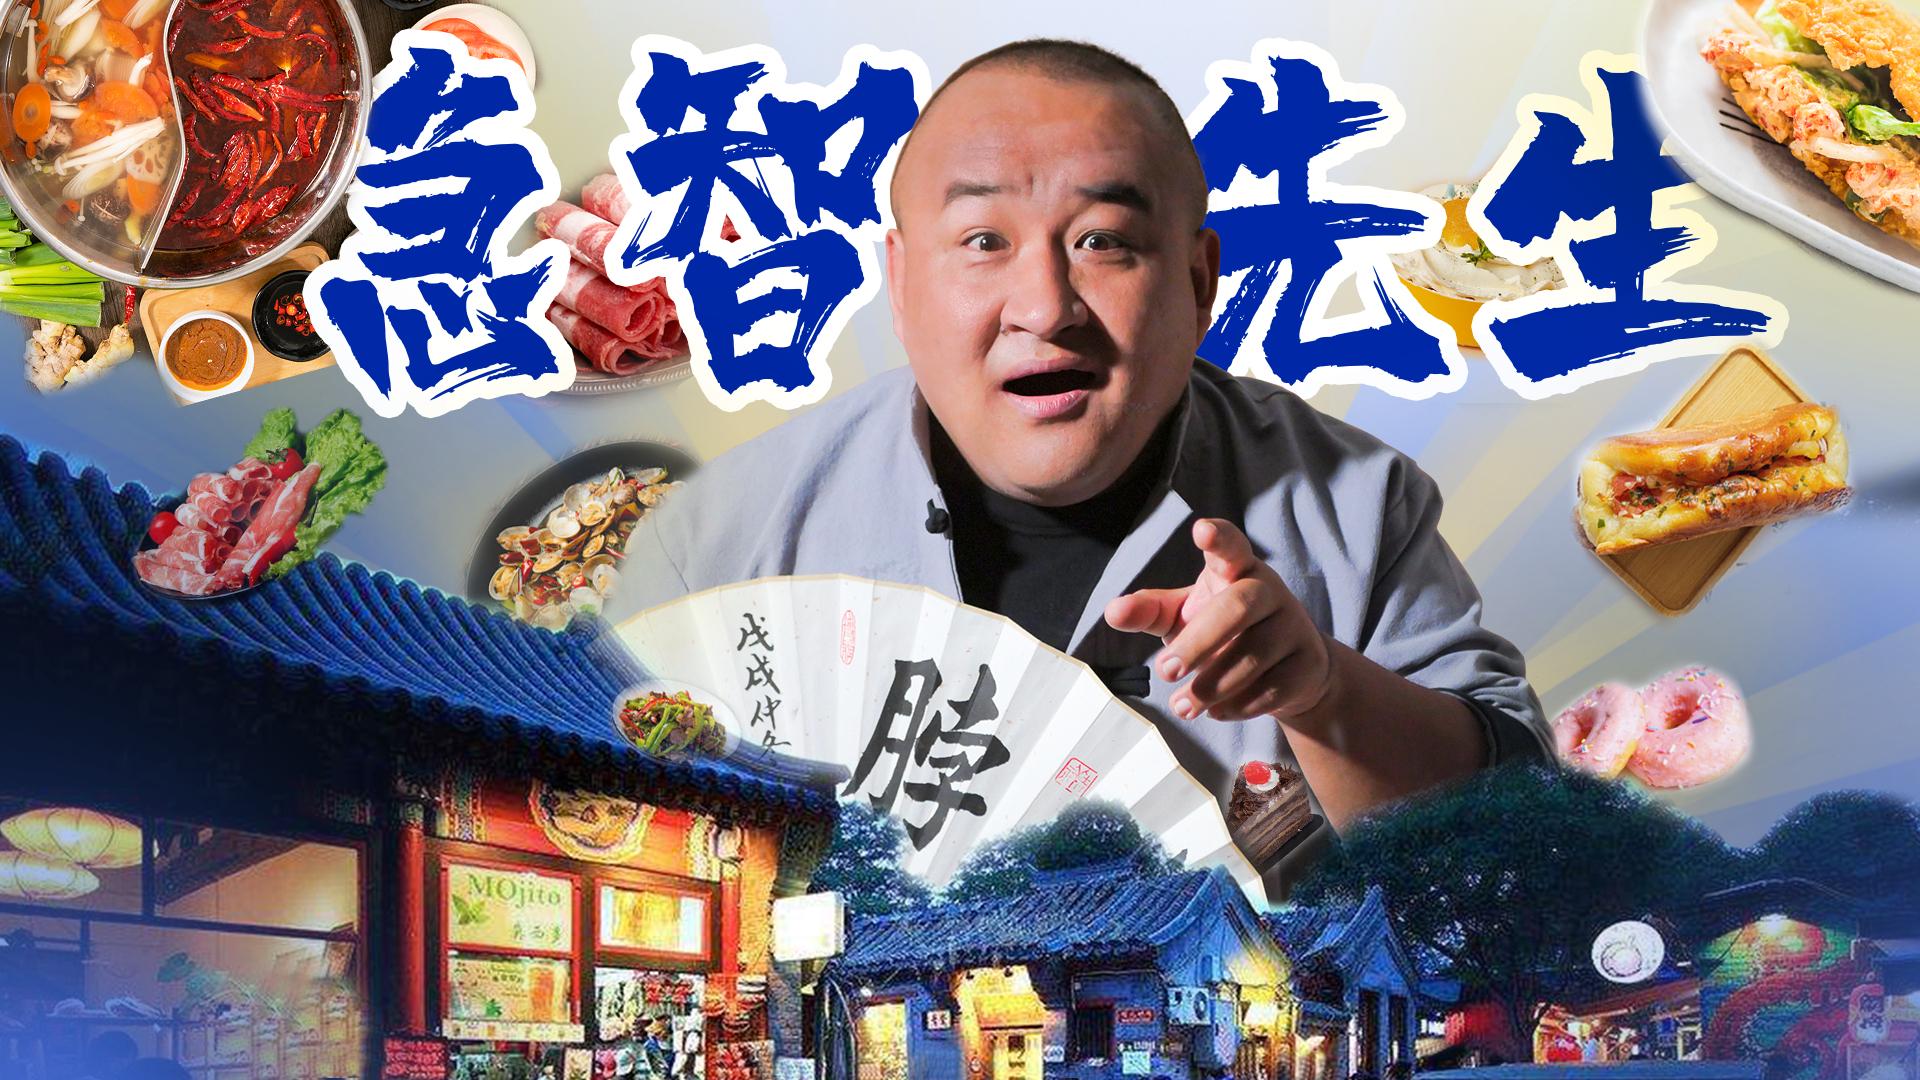 【吃货请闭眼】在北京最火网红美食街猜谜?谜题都藏南锣鼓巷里,文化美食全都有!